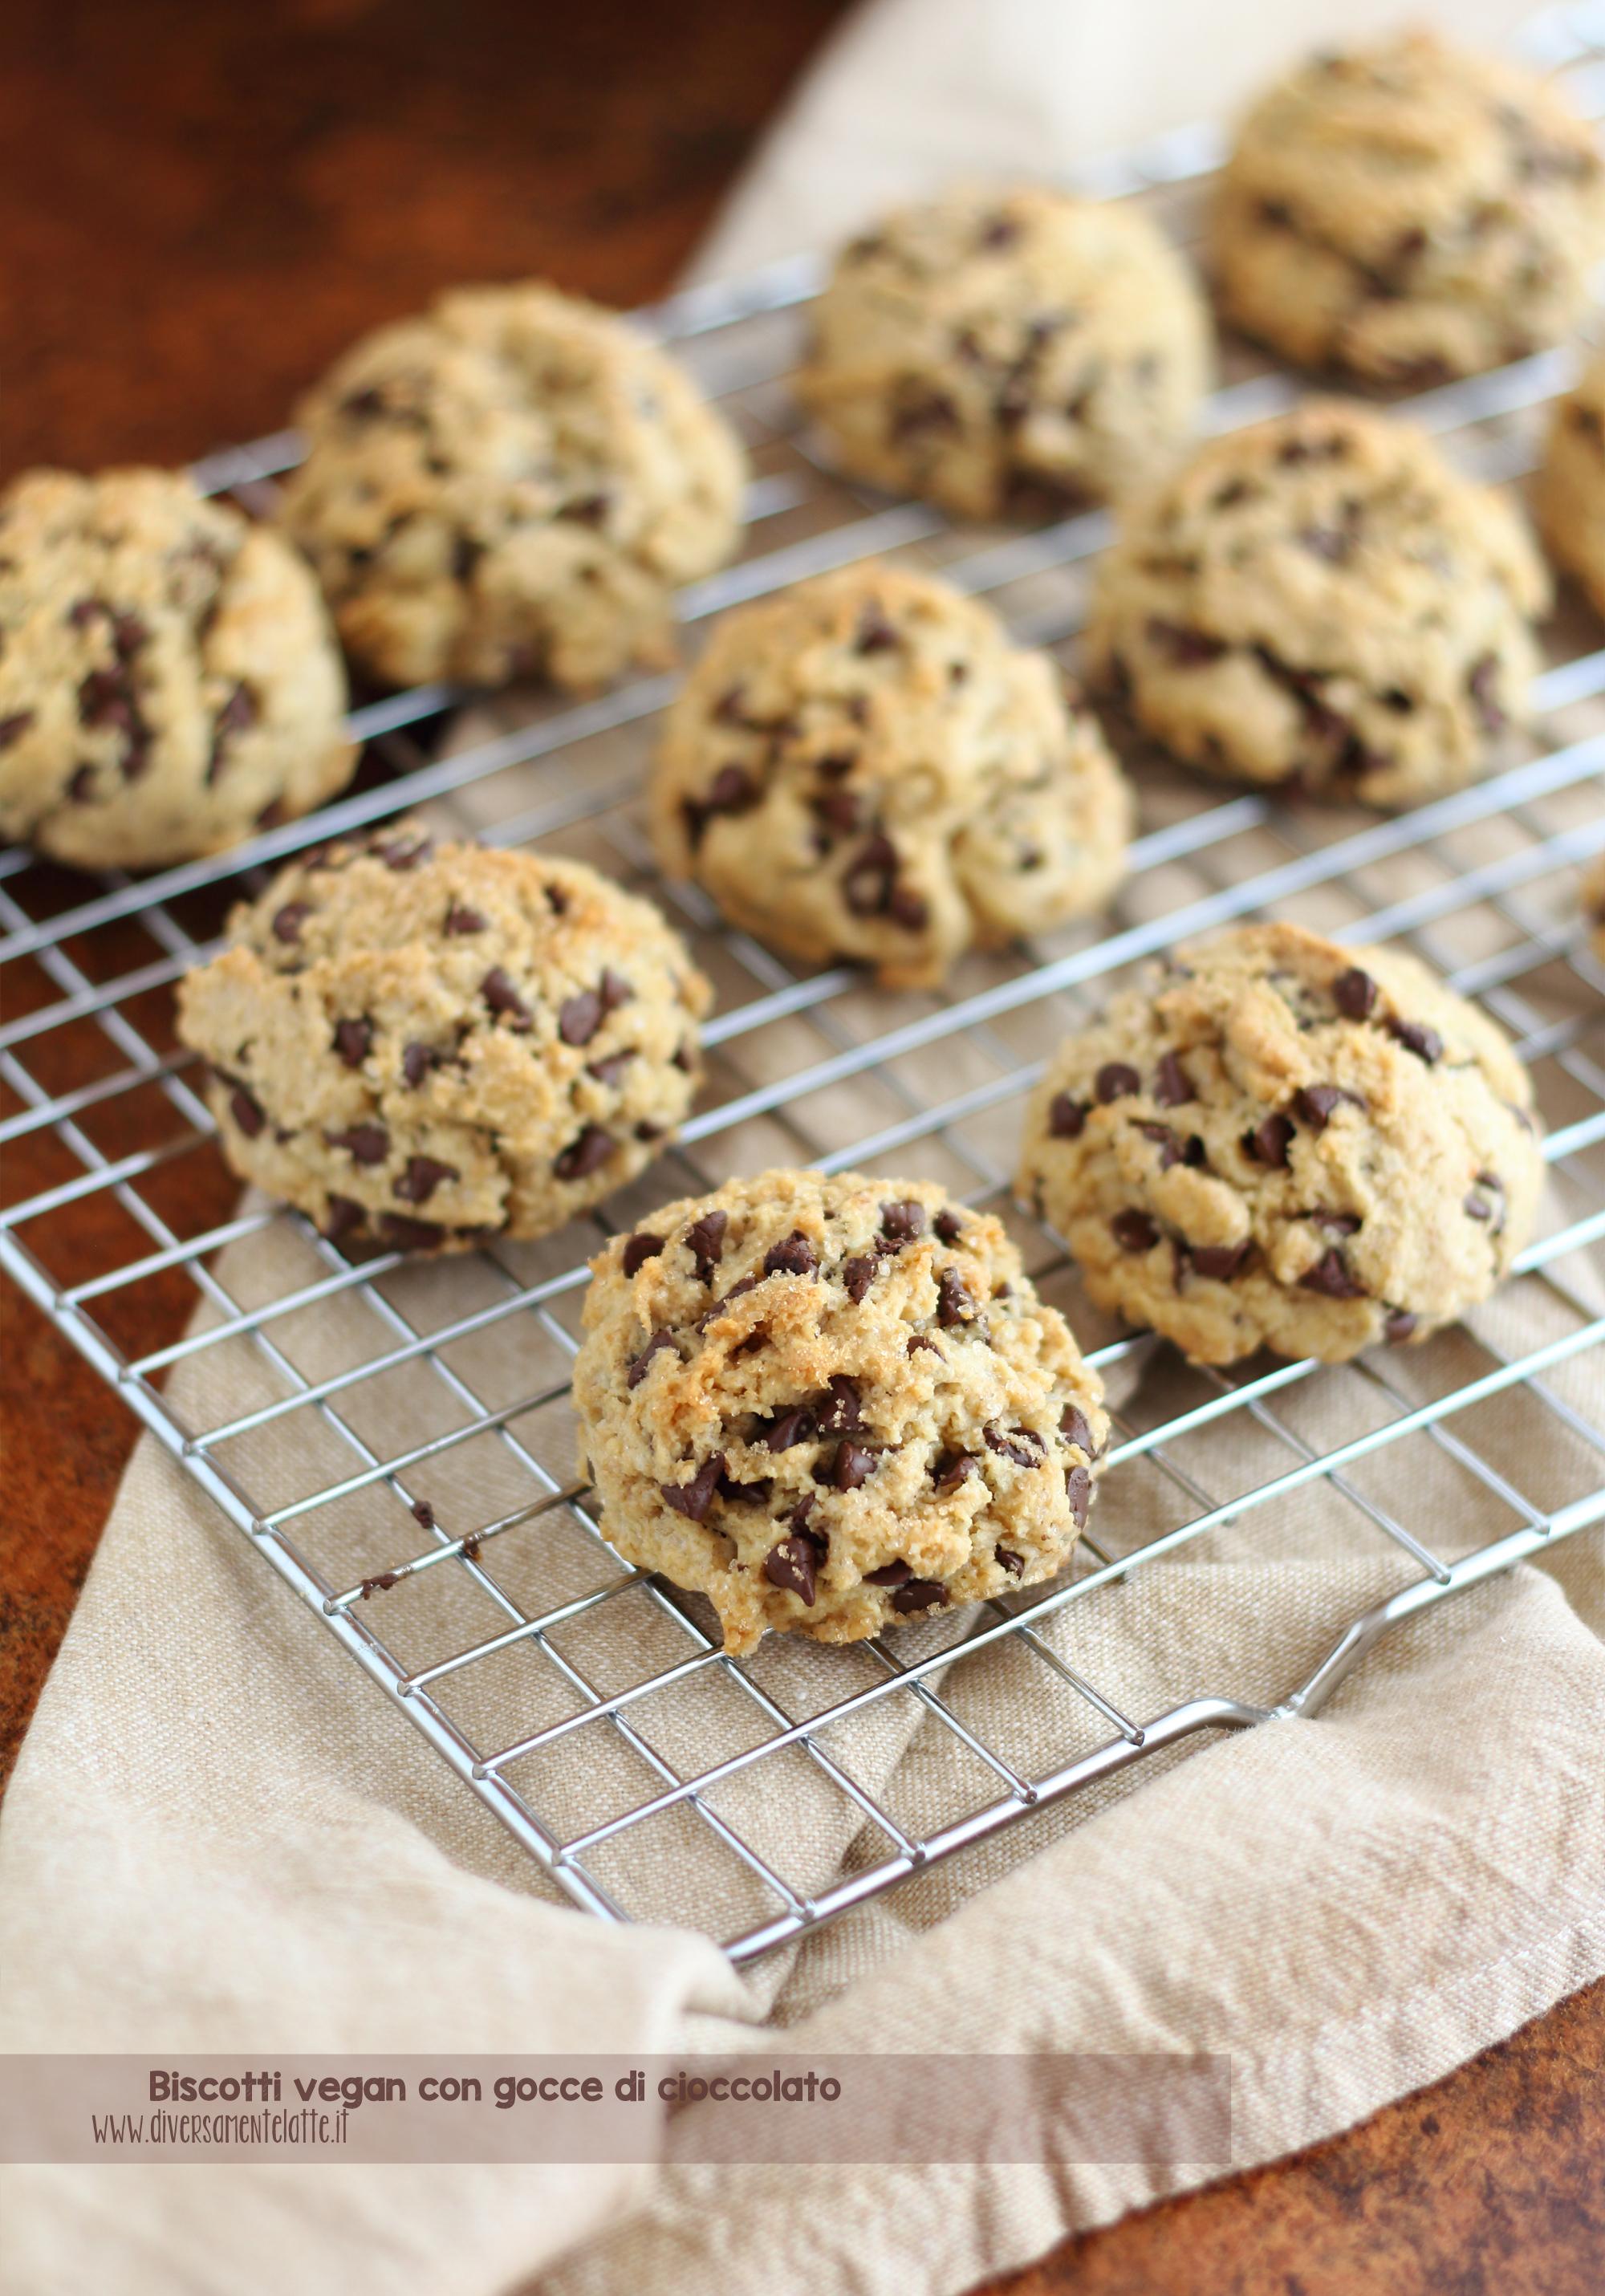 biscotti vegan gocce di cioccolato